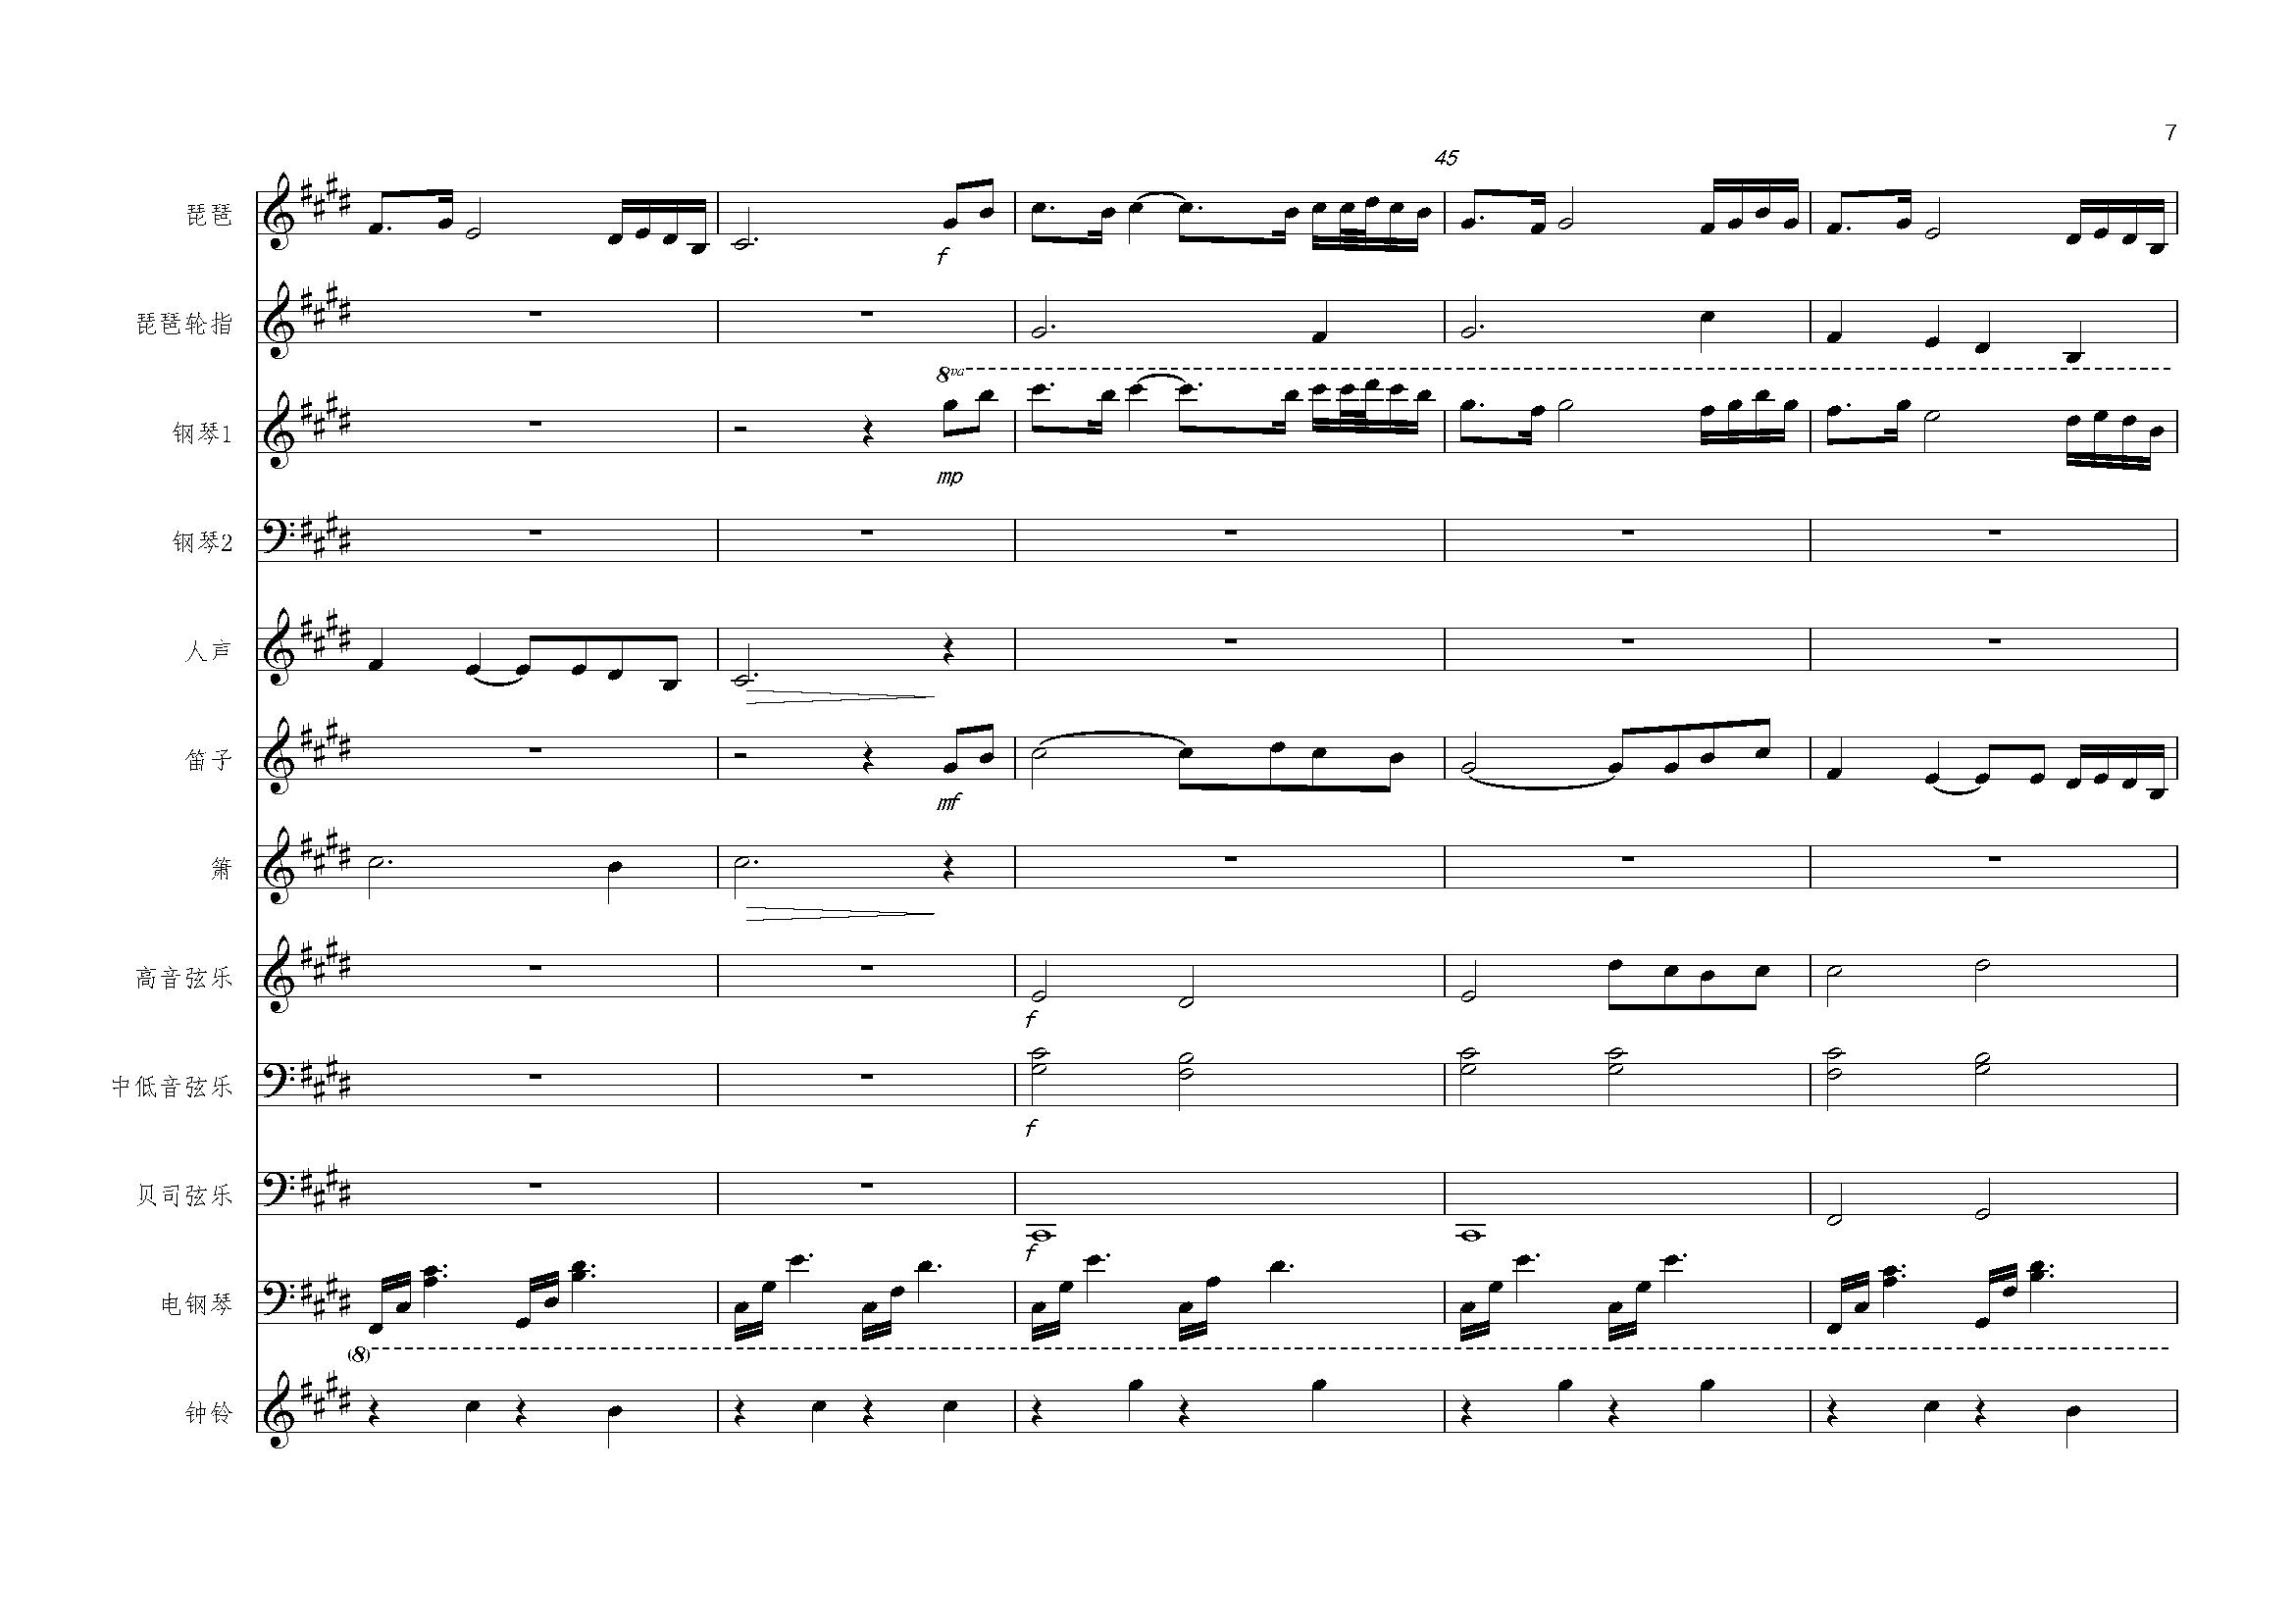 琵琶语钢琴谱 第7页